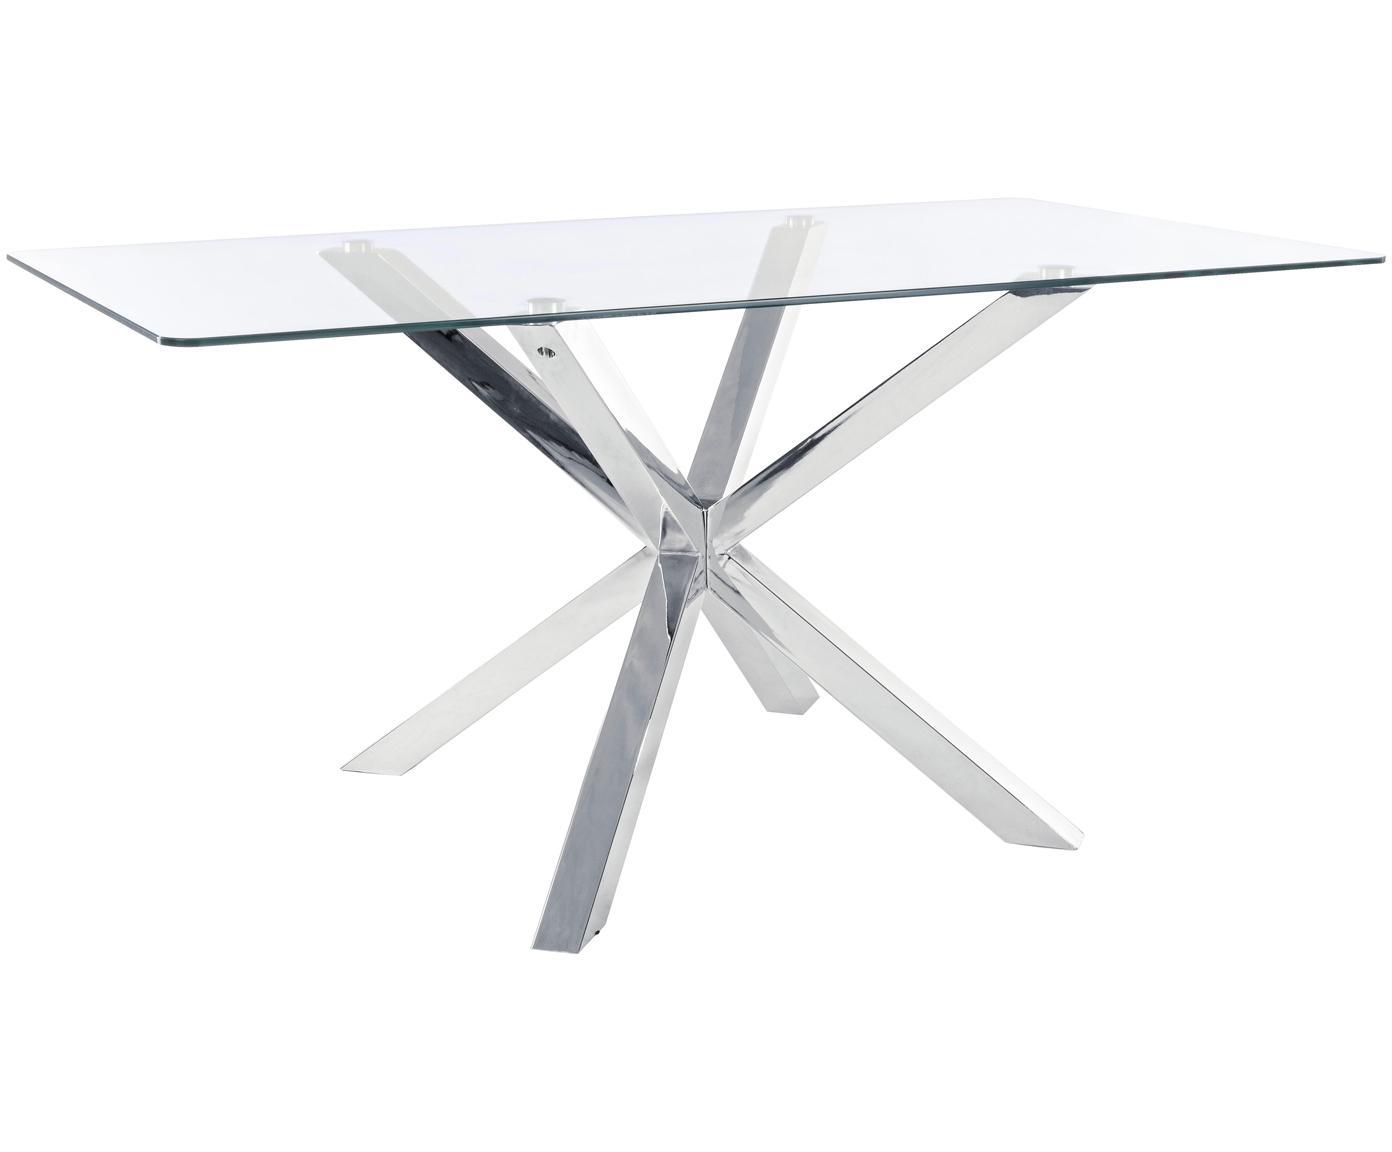 Eettafel May met glazen tafelblad, Tafelblad: glas, Poten: gepolijst edelstaal, Tafelblad: transparant. Poten: edelstaalkleurig, B 160 x D 90 cm